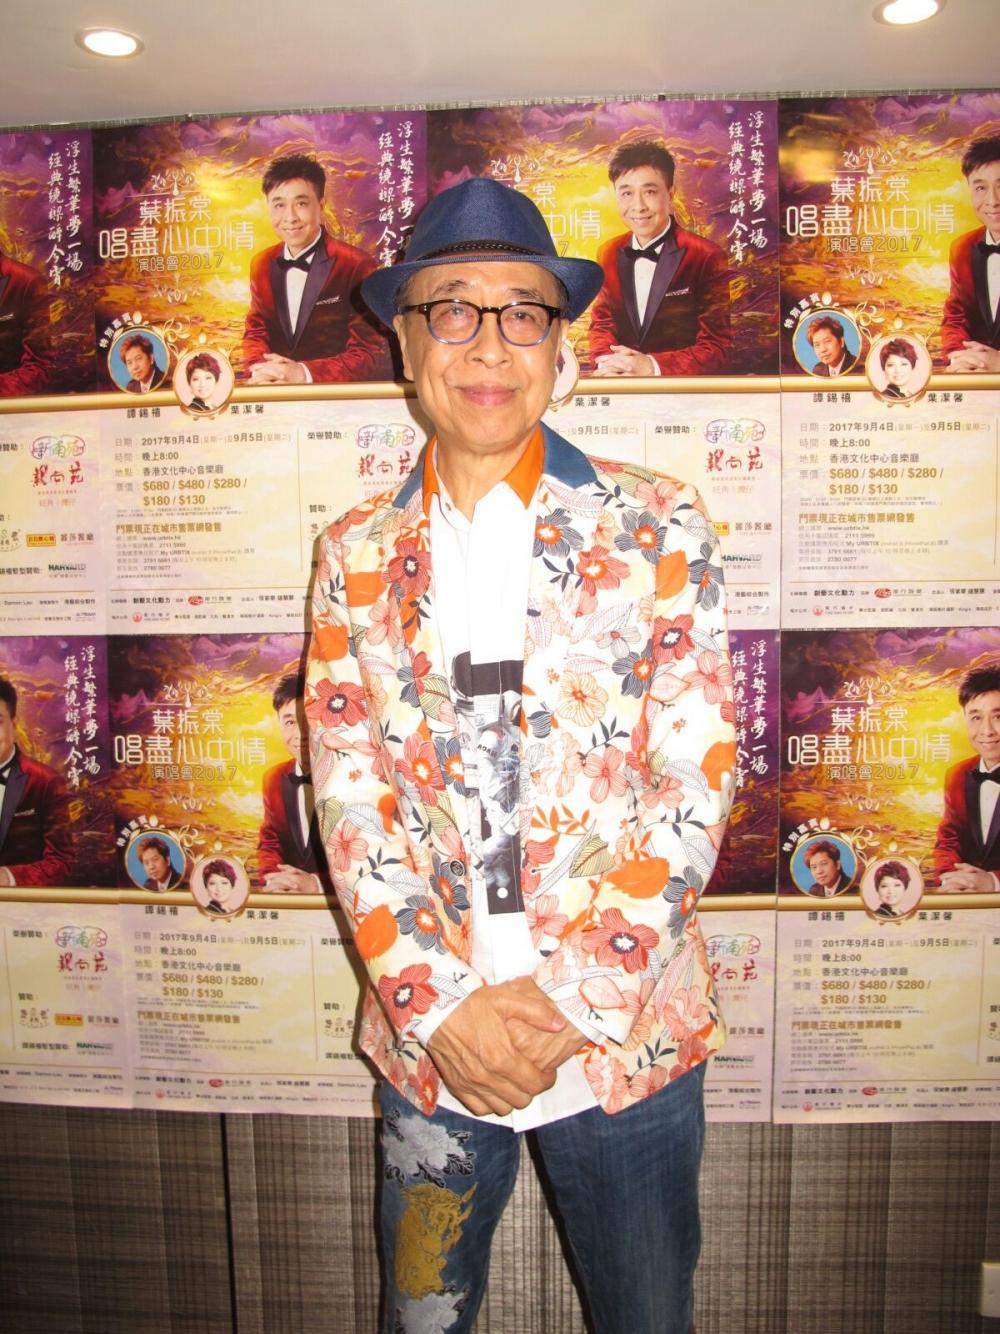 葉振棠9月開騷,以歌會友。